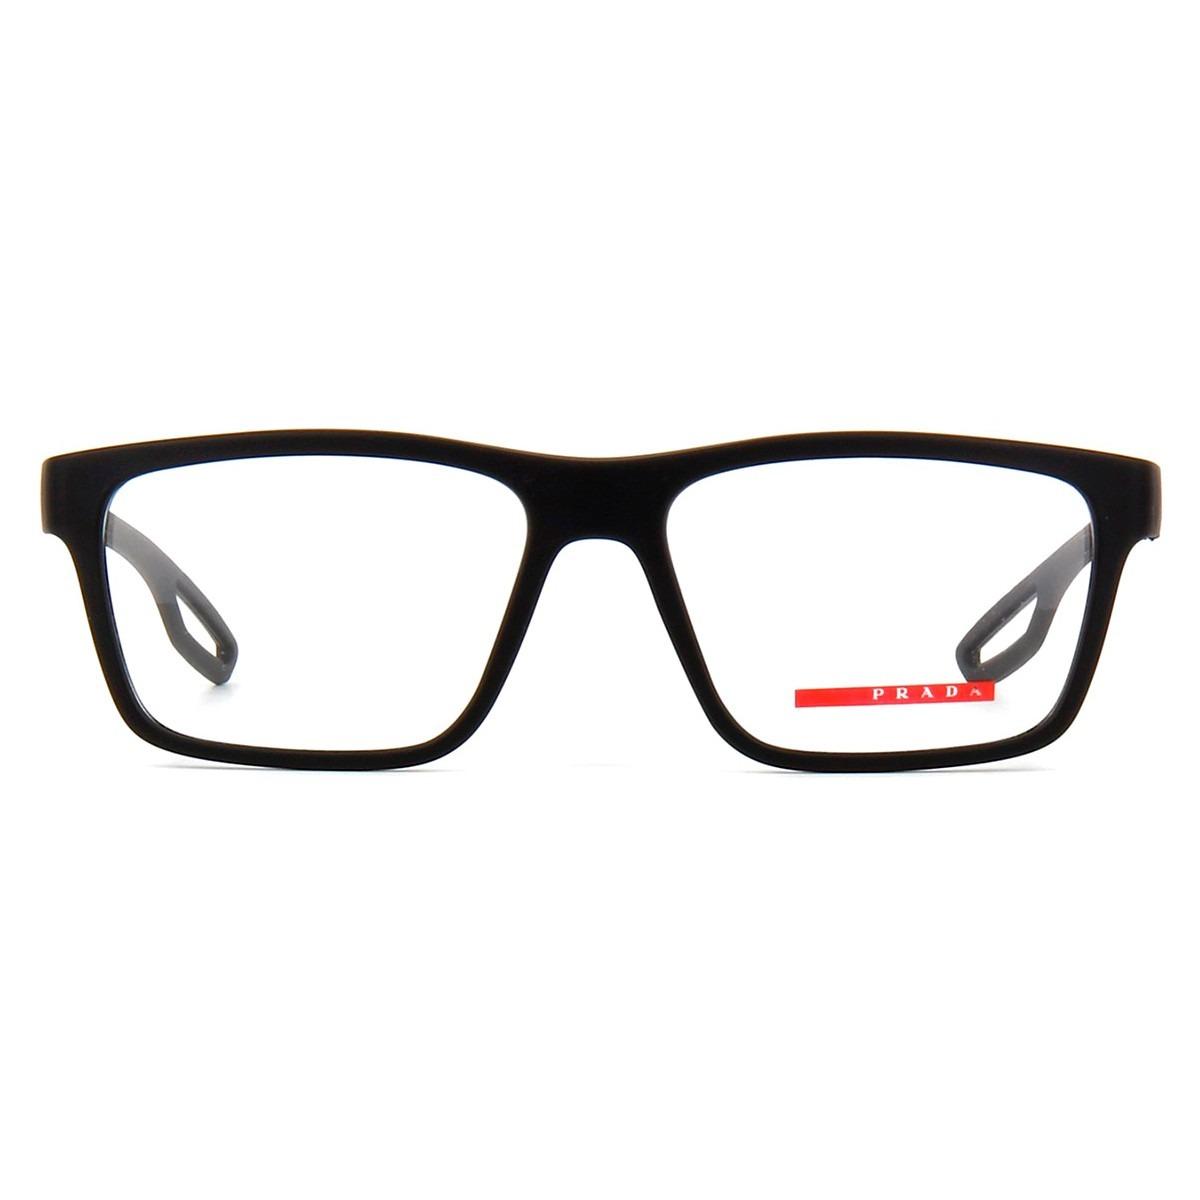 cf249a8d5 Óculos De Grau Prada Sport Vps07f Uap-1o1 - R$ 648,00 em Mercado Livre